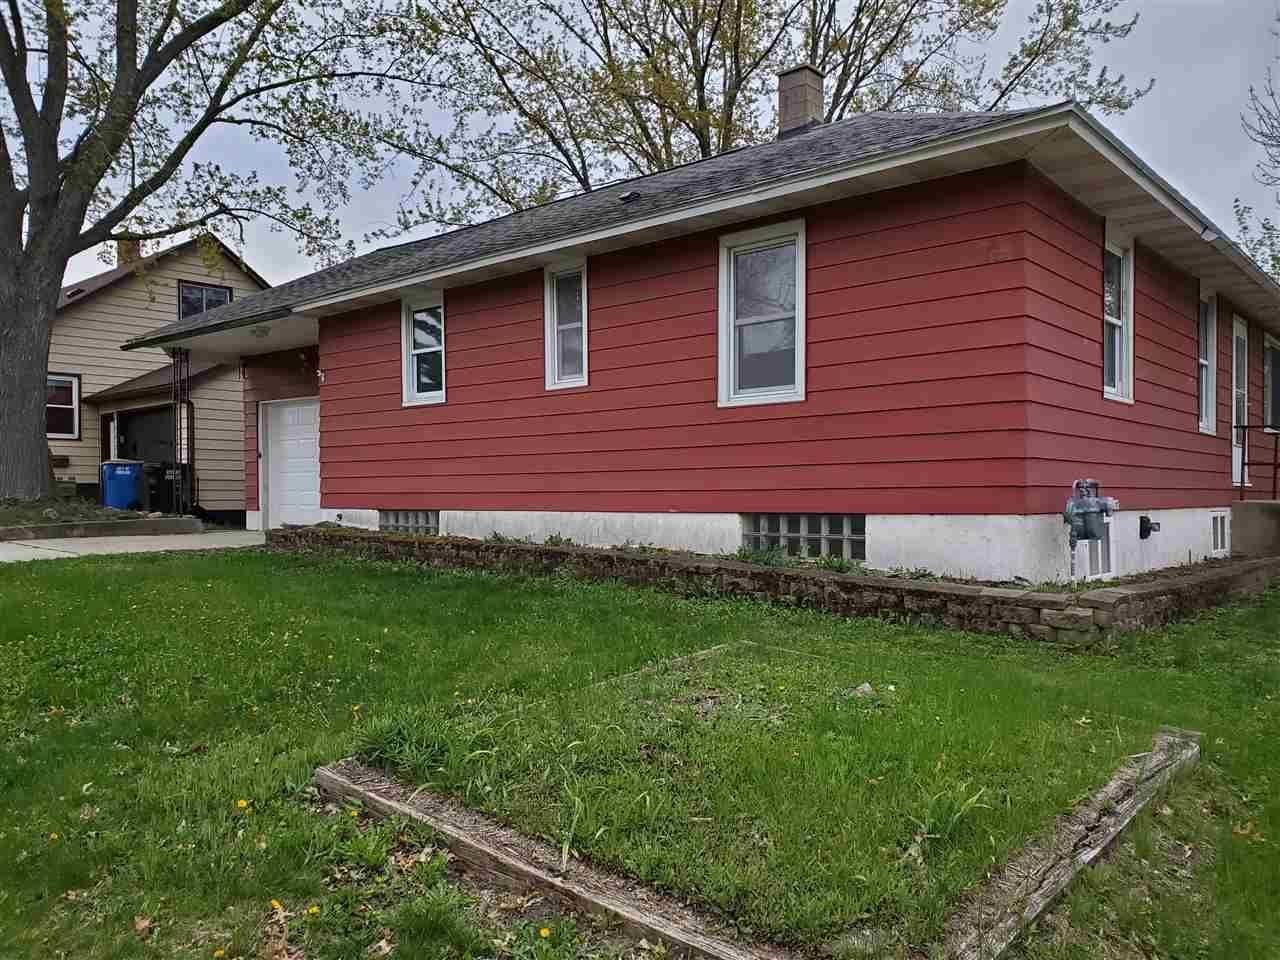 1134 W Pleasant St, Portage, WI 53901 - MLS#: 1872803